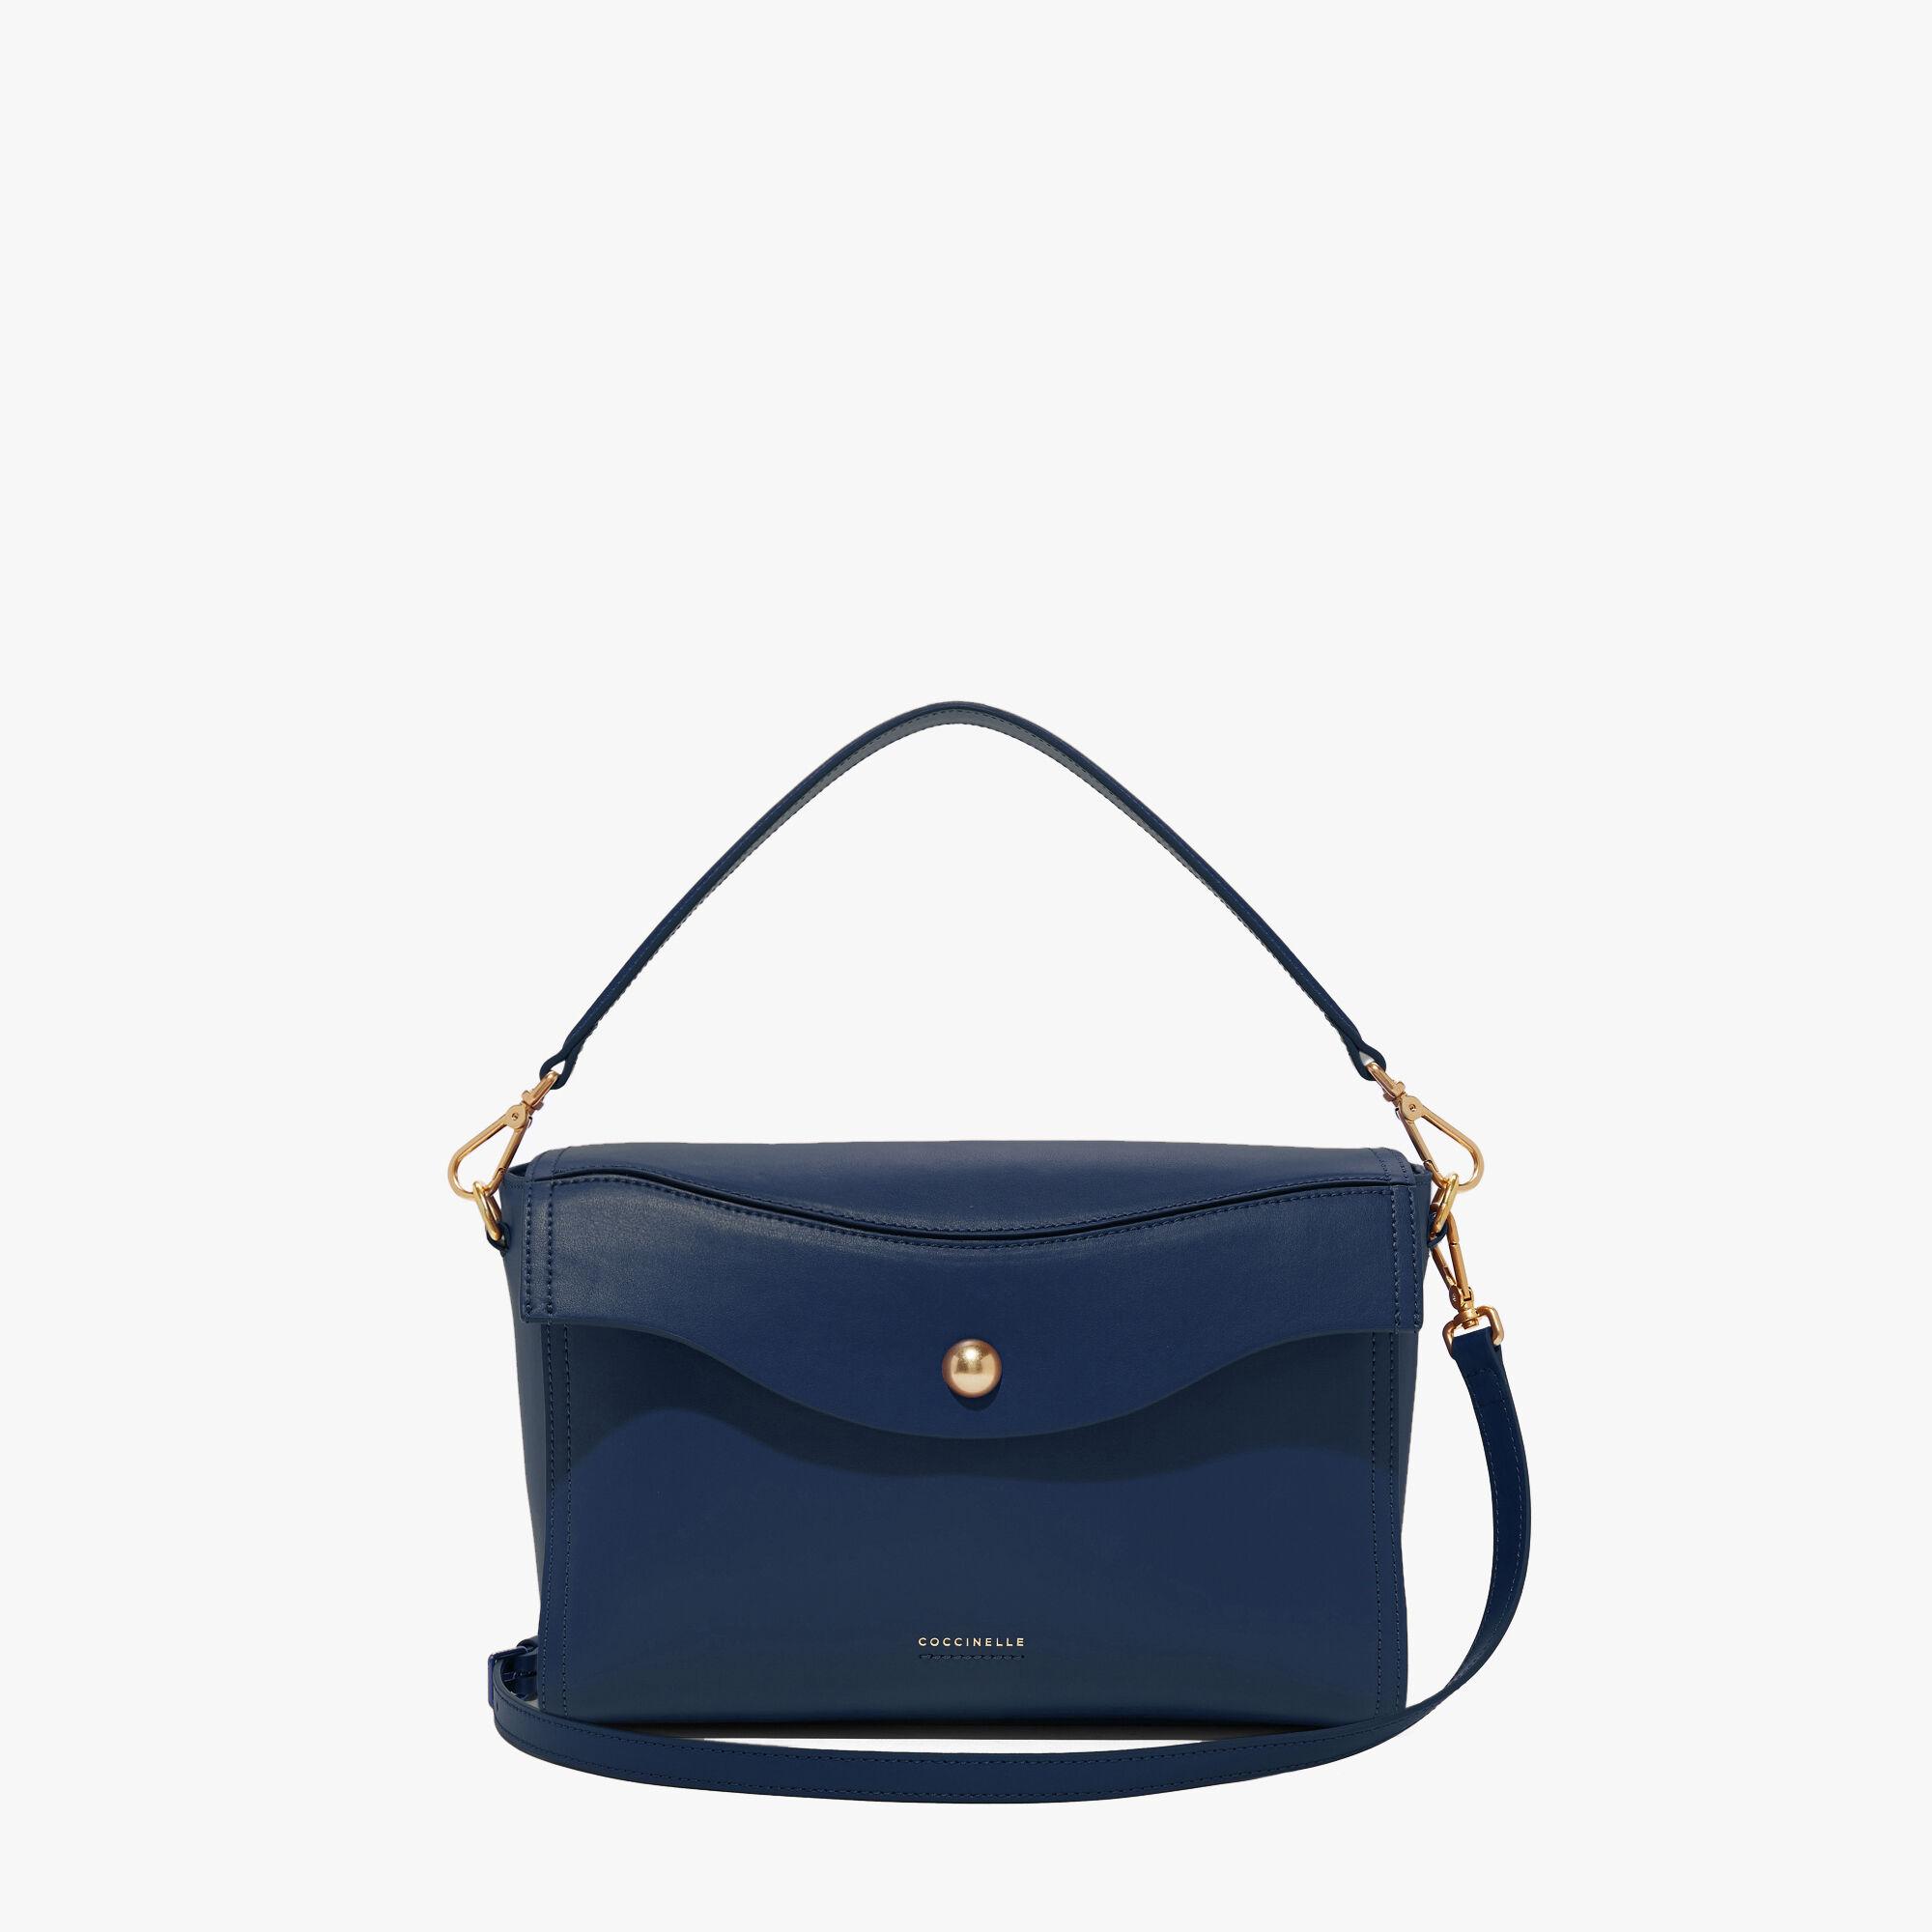 Bags Online Accessories StoreWomen's Coccinelle And wlOZuiPTkX